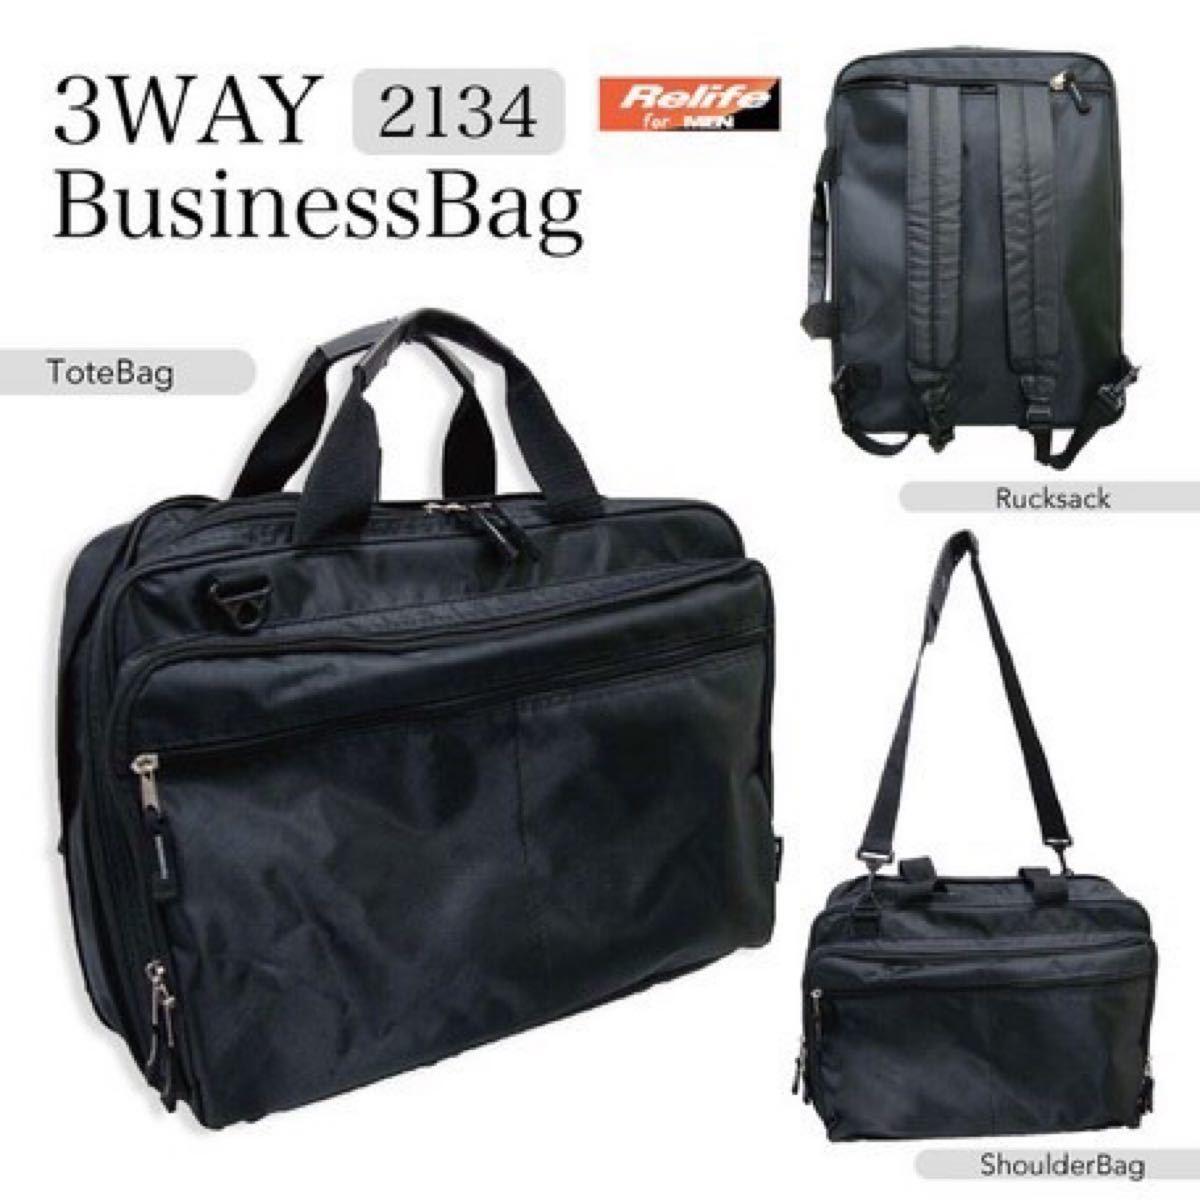 ビジネスバッグ トートバッグ ショルダーバッグ リュック 3way 収納豊富